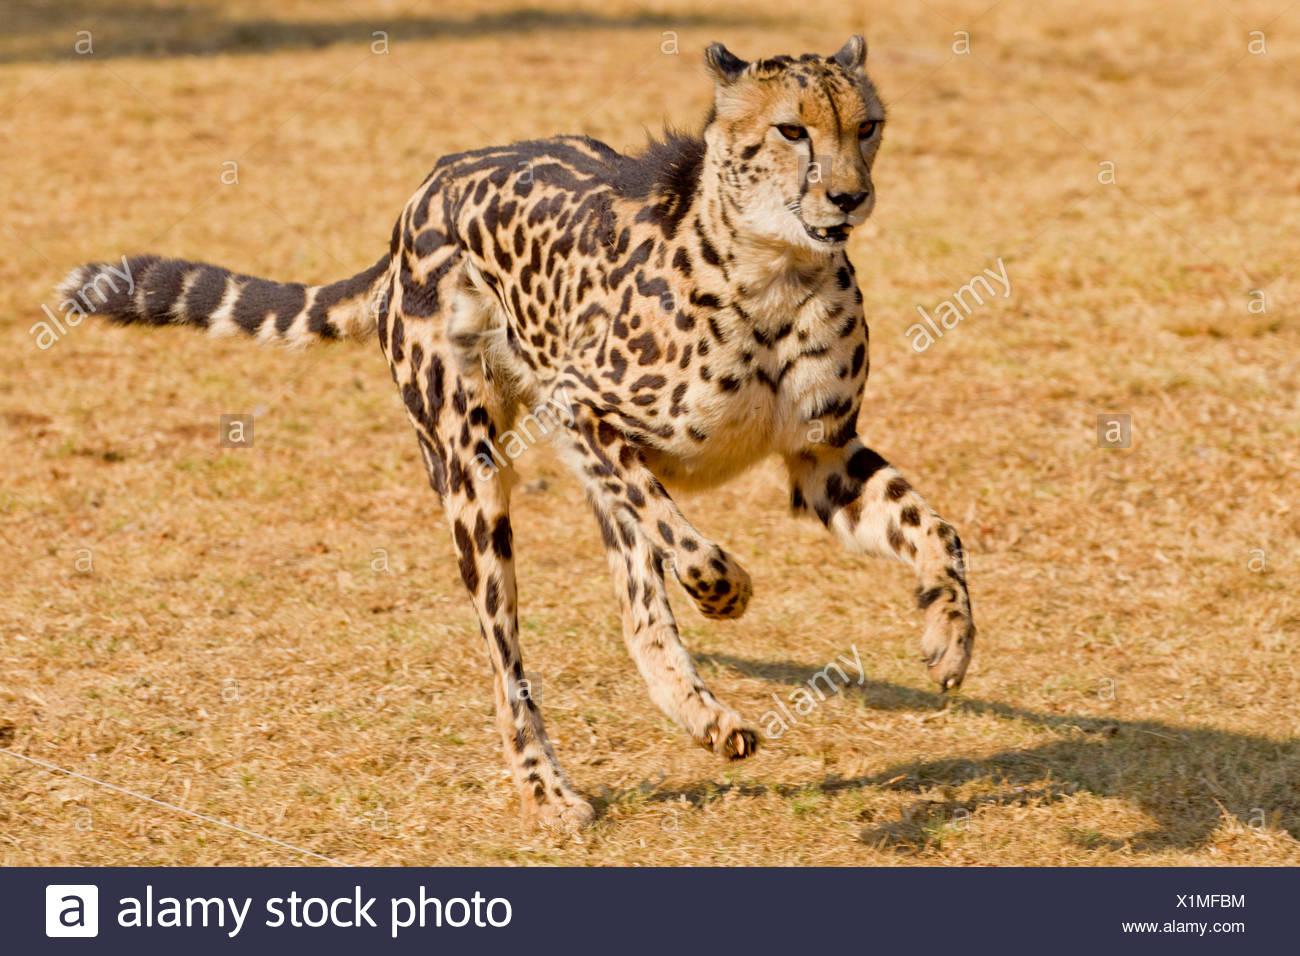 Ziemlich Gepard Farbseite Ideen - Malvorlagen Von Tieren - ngadi.info